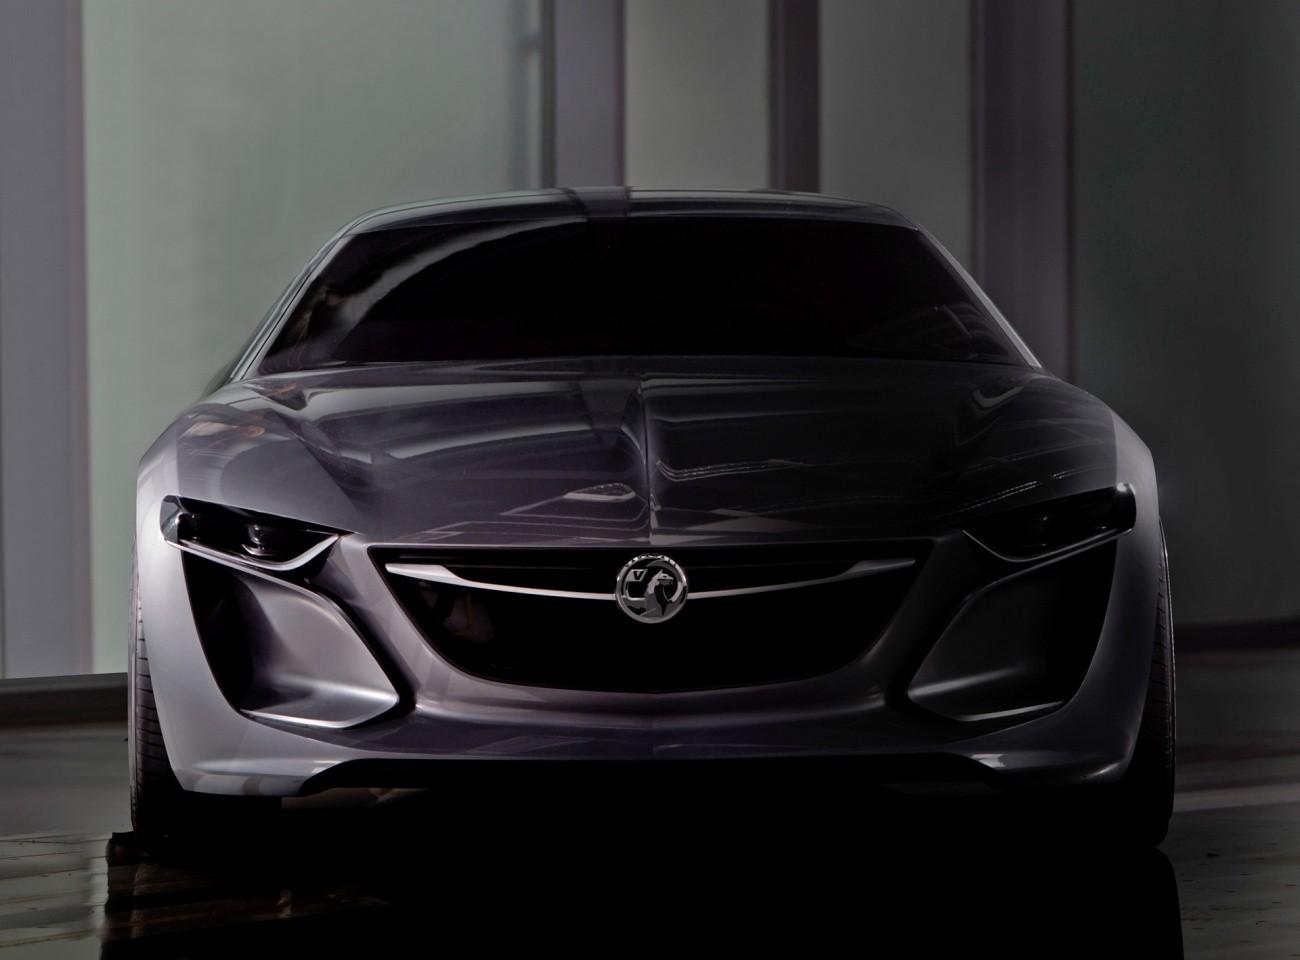 Opel Monza Concept Car 2013 Francfort (16)